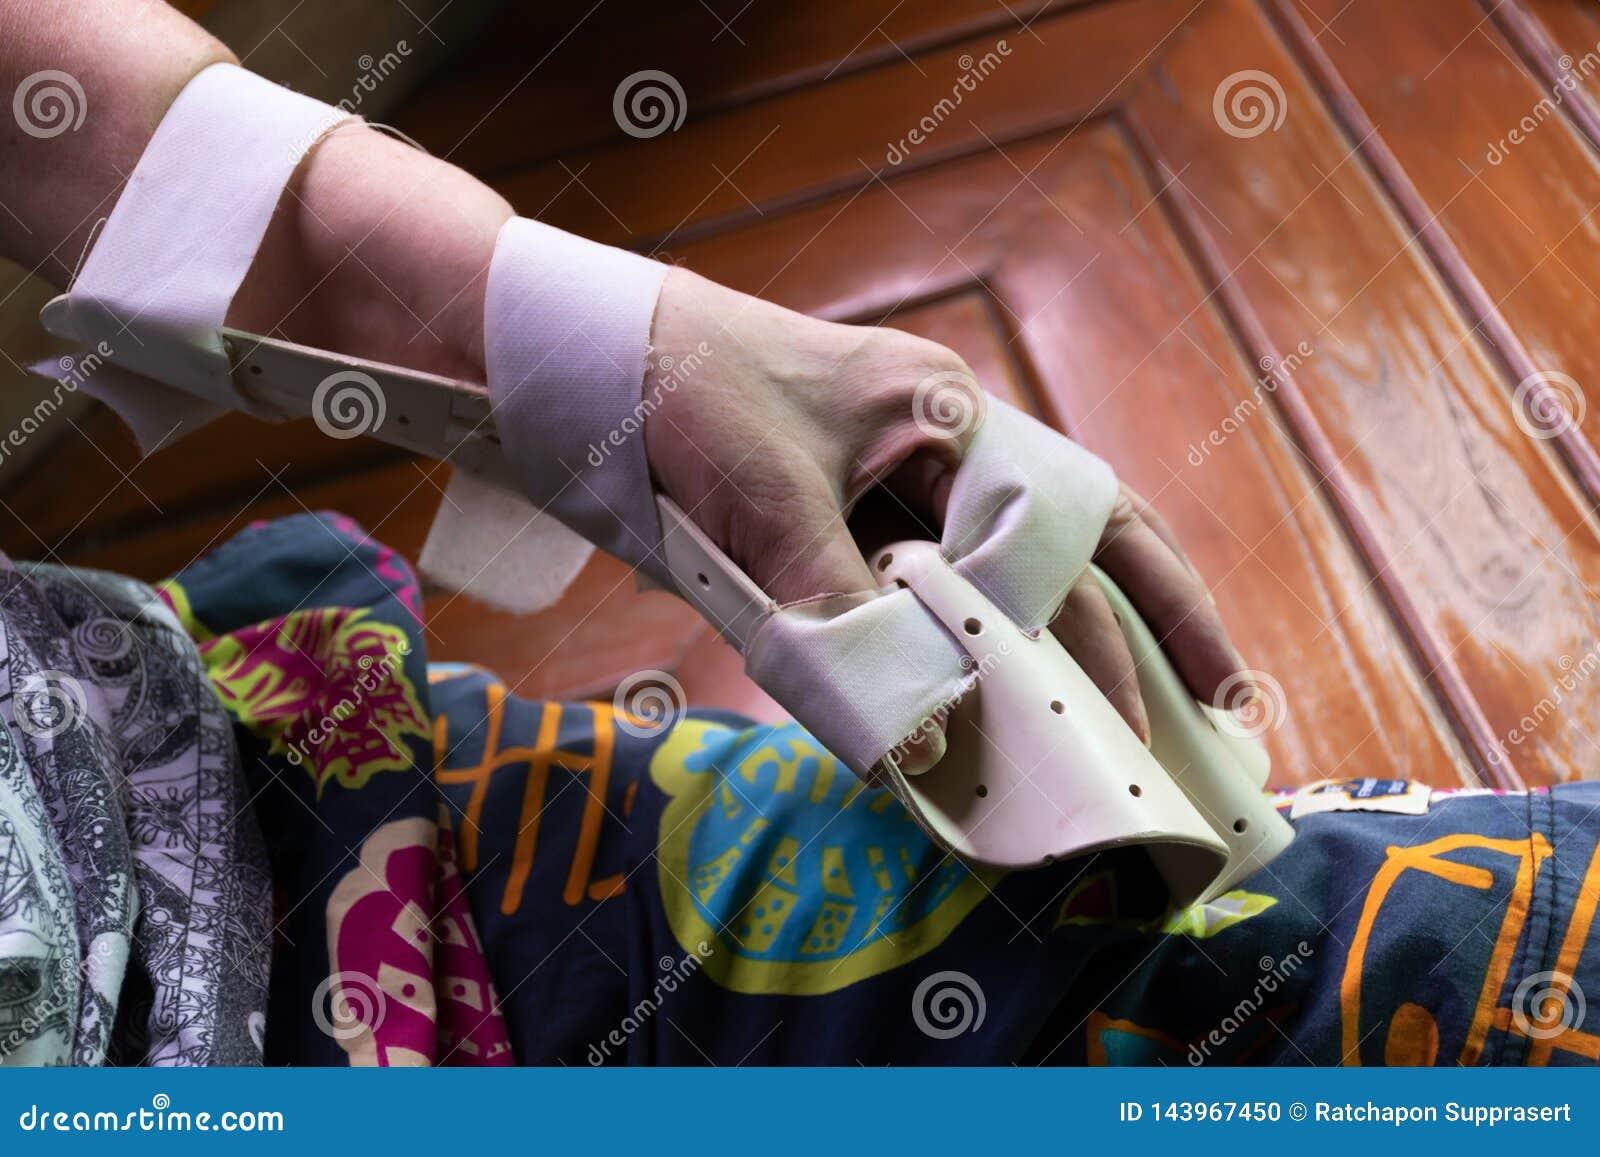 Tala do braço para o tratamento